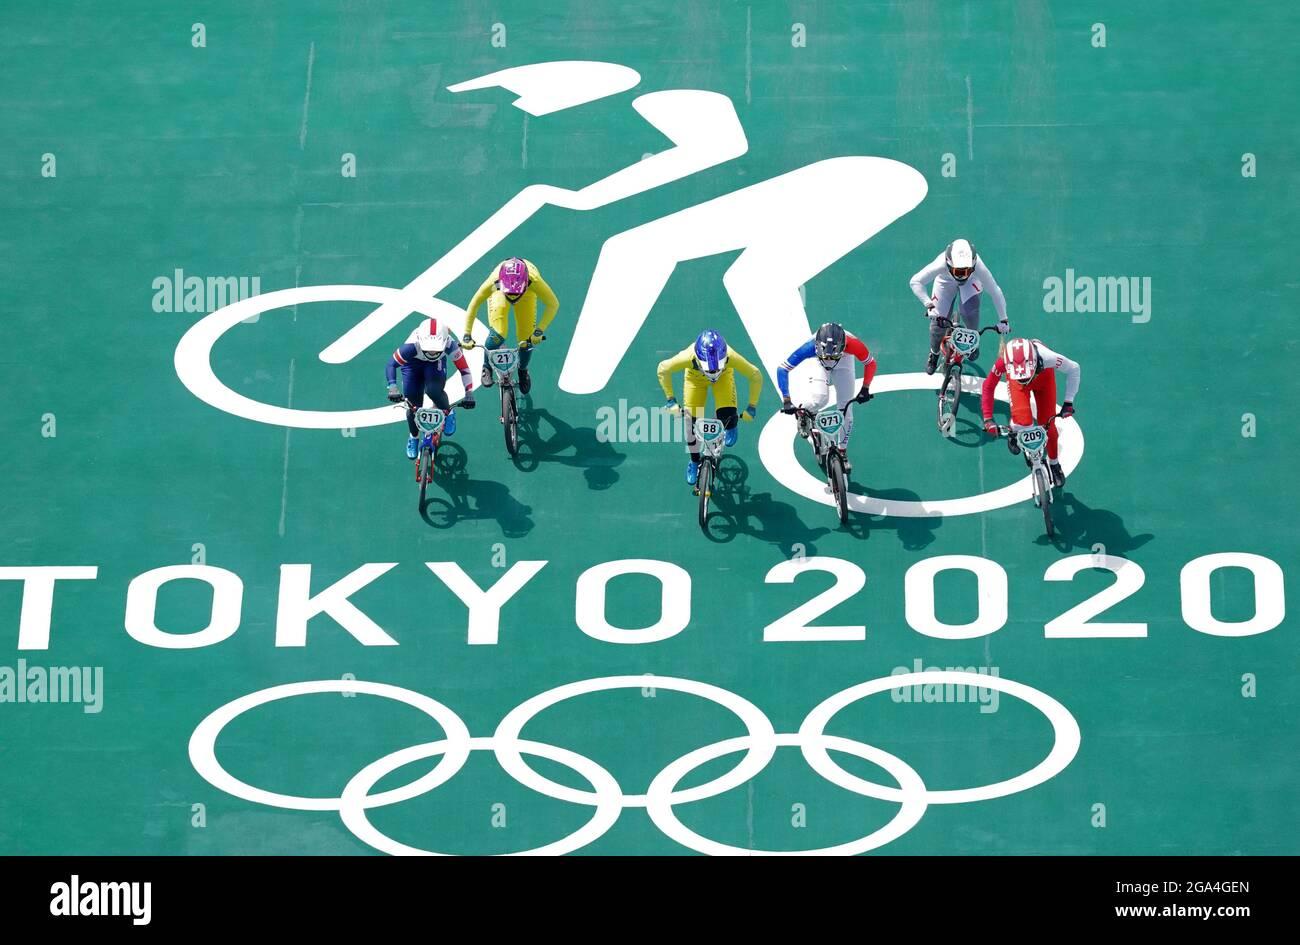 Der britische Bethany Shriever (links) im BMX Racing Viertelfinale der Frauen führt am sechsten Tag der Olympischen Spiele 2020 in Tokio in Japan den 3. Heat 3 im Ariake Urban Sports Park aus. Bilddatum: Donnerstag, 29. Juli 2021. Stockfoto